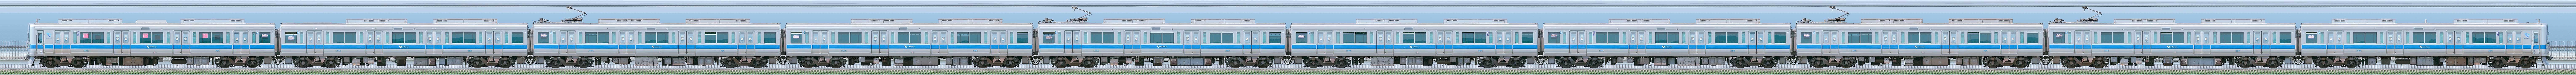 小田急1000形1094×10(リニューアル車・海側)の編成サイドビュー